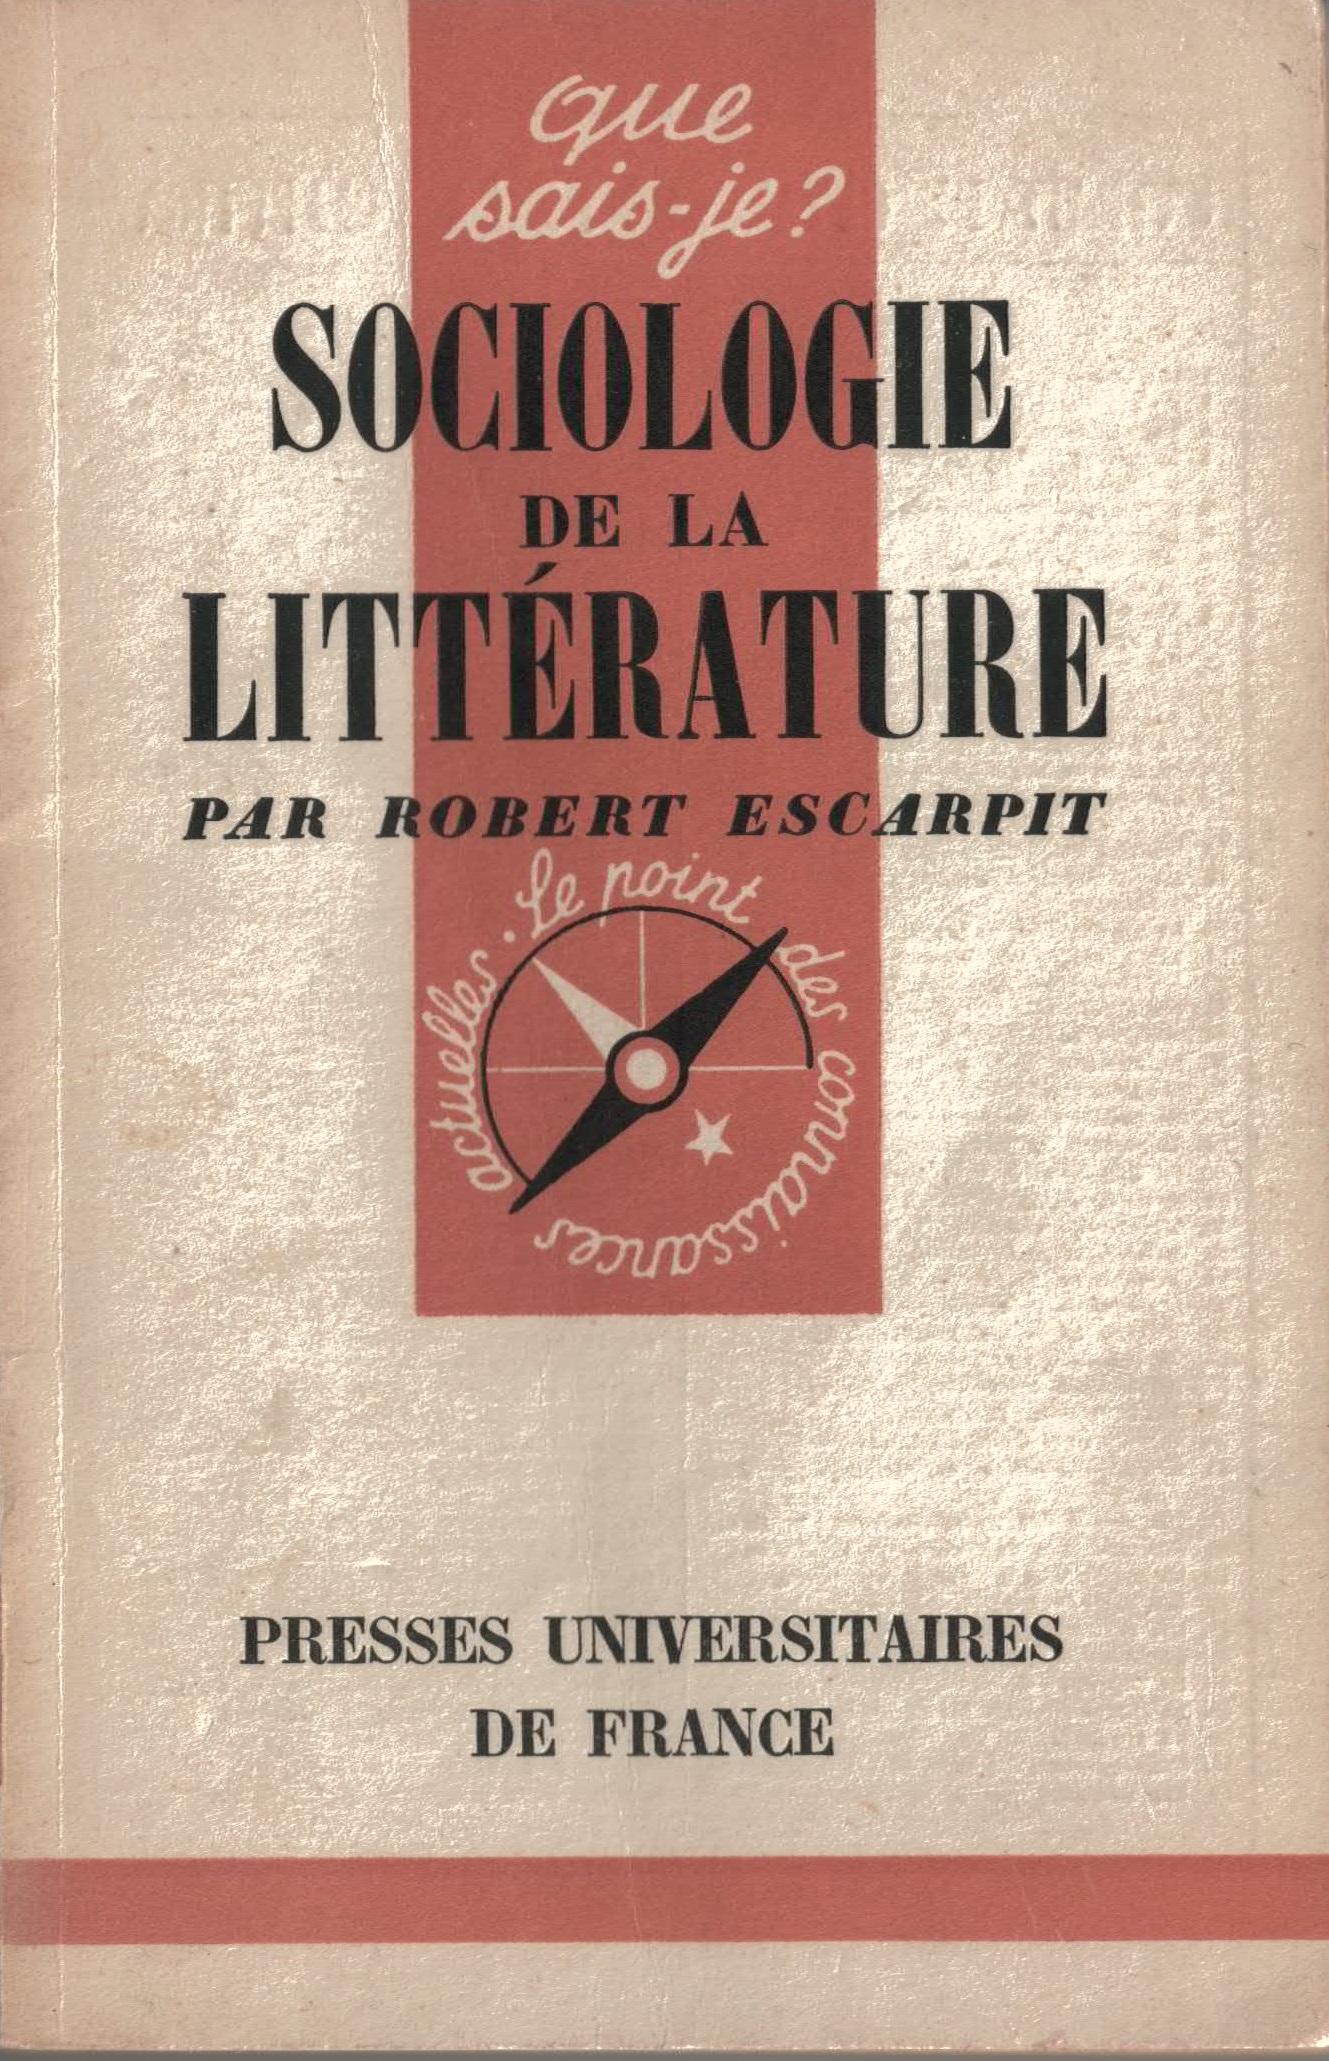 R. Escarpit, <em>Sociologie de la littérature</em> (rééd. en accès libre)